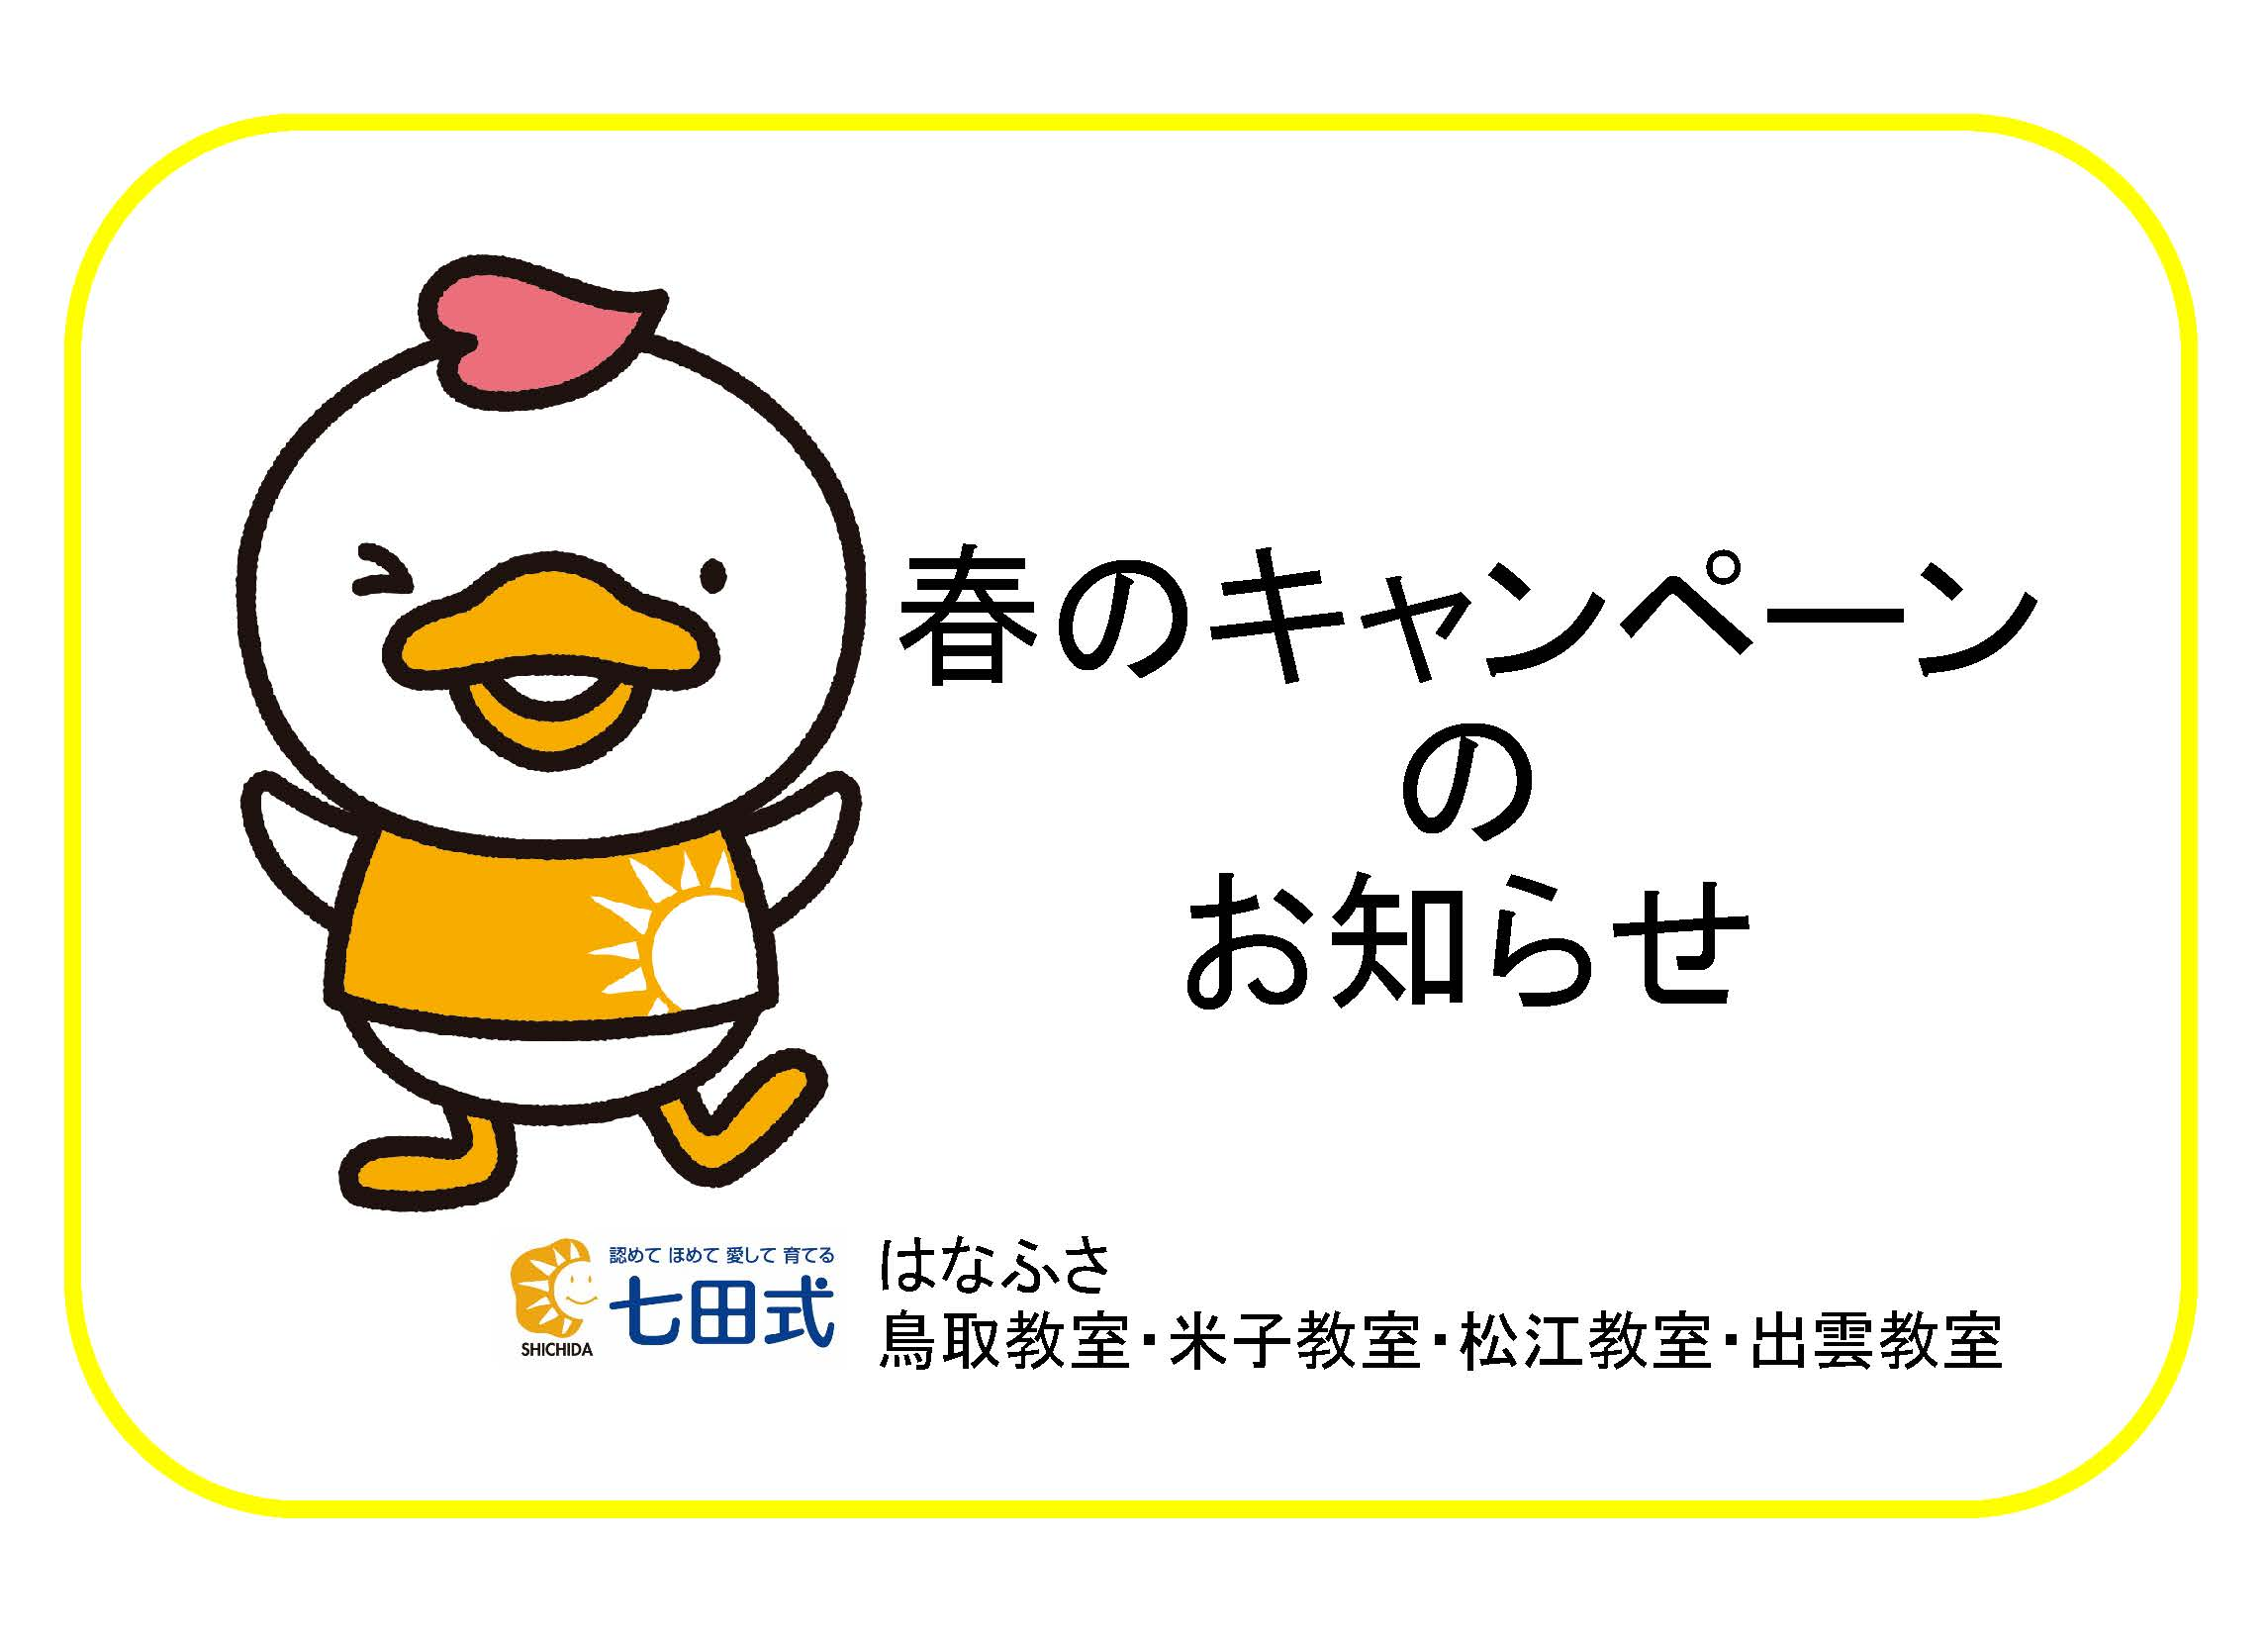 入室金無料キャンペーンのお知らせ